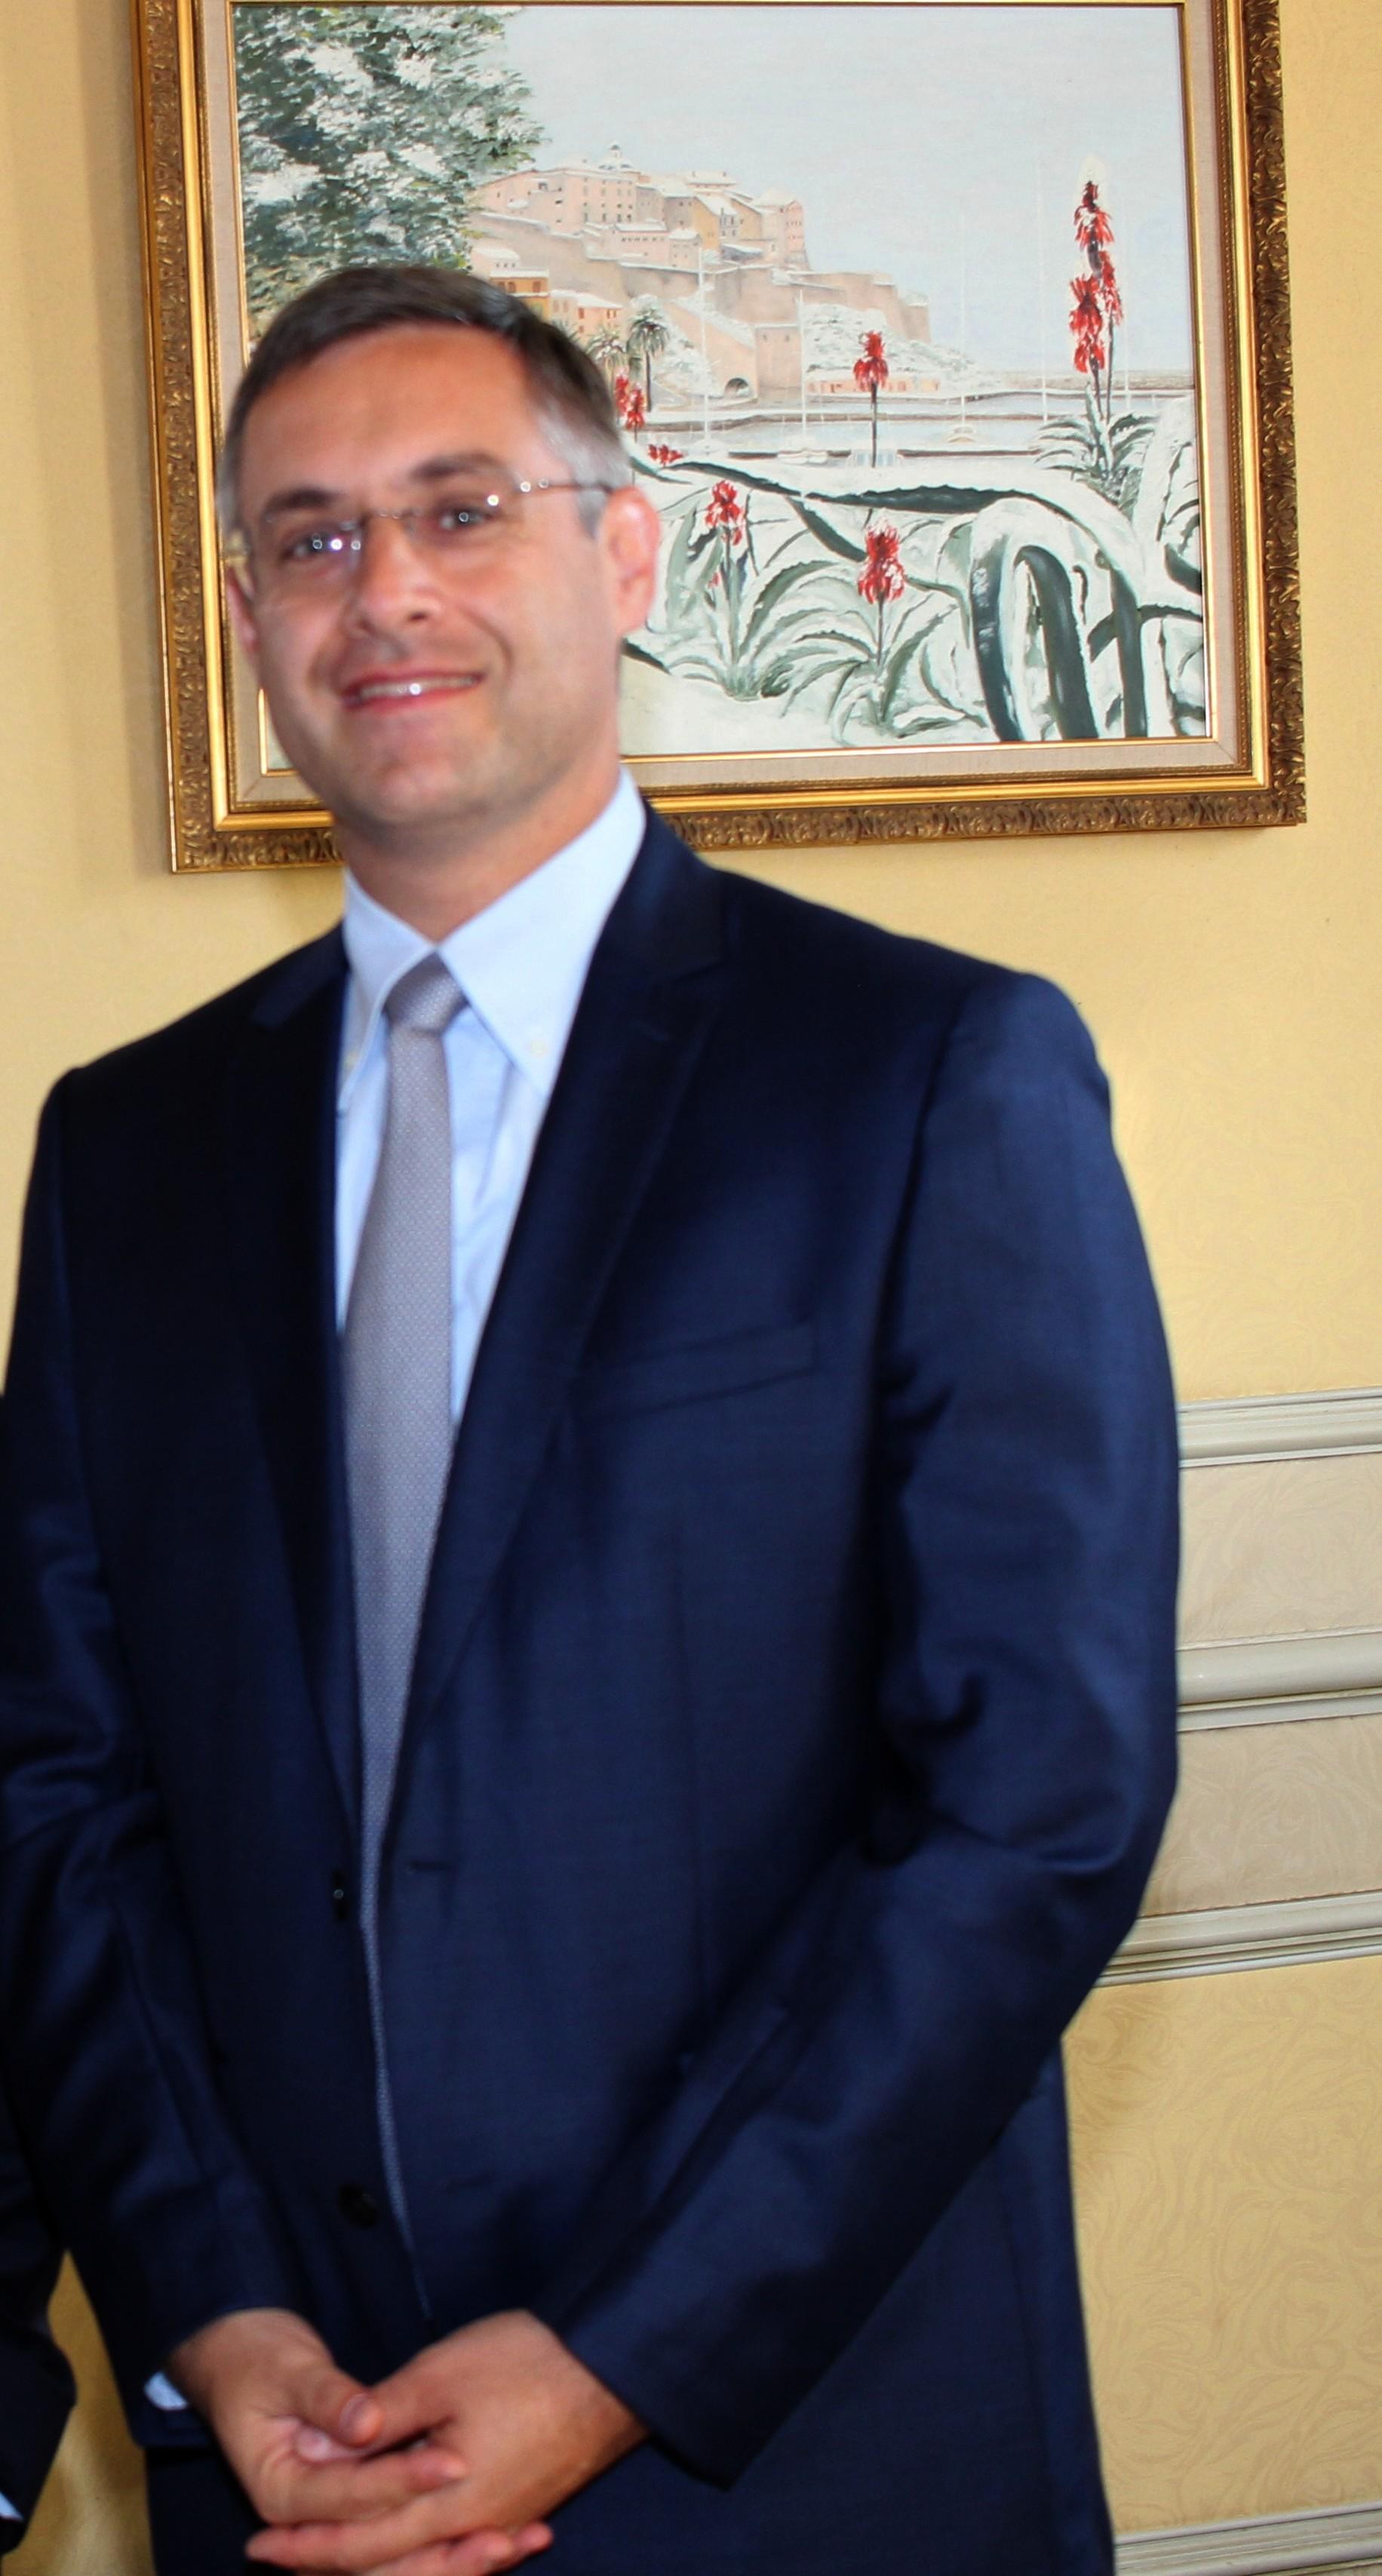 Jérôme Seguy, sous-préfet de Calvi durant 32 mois